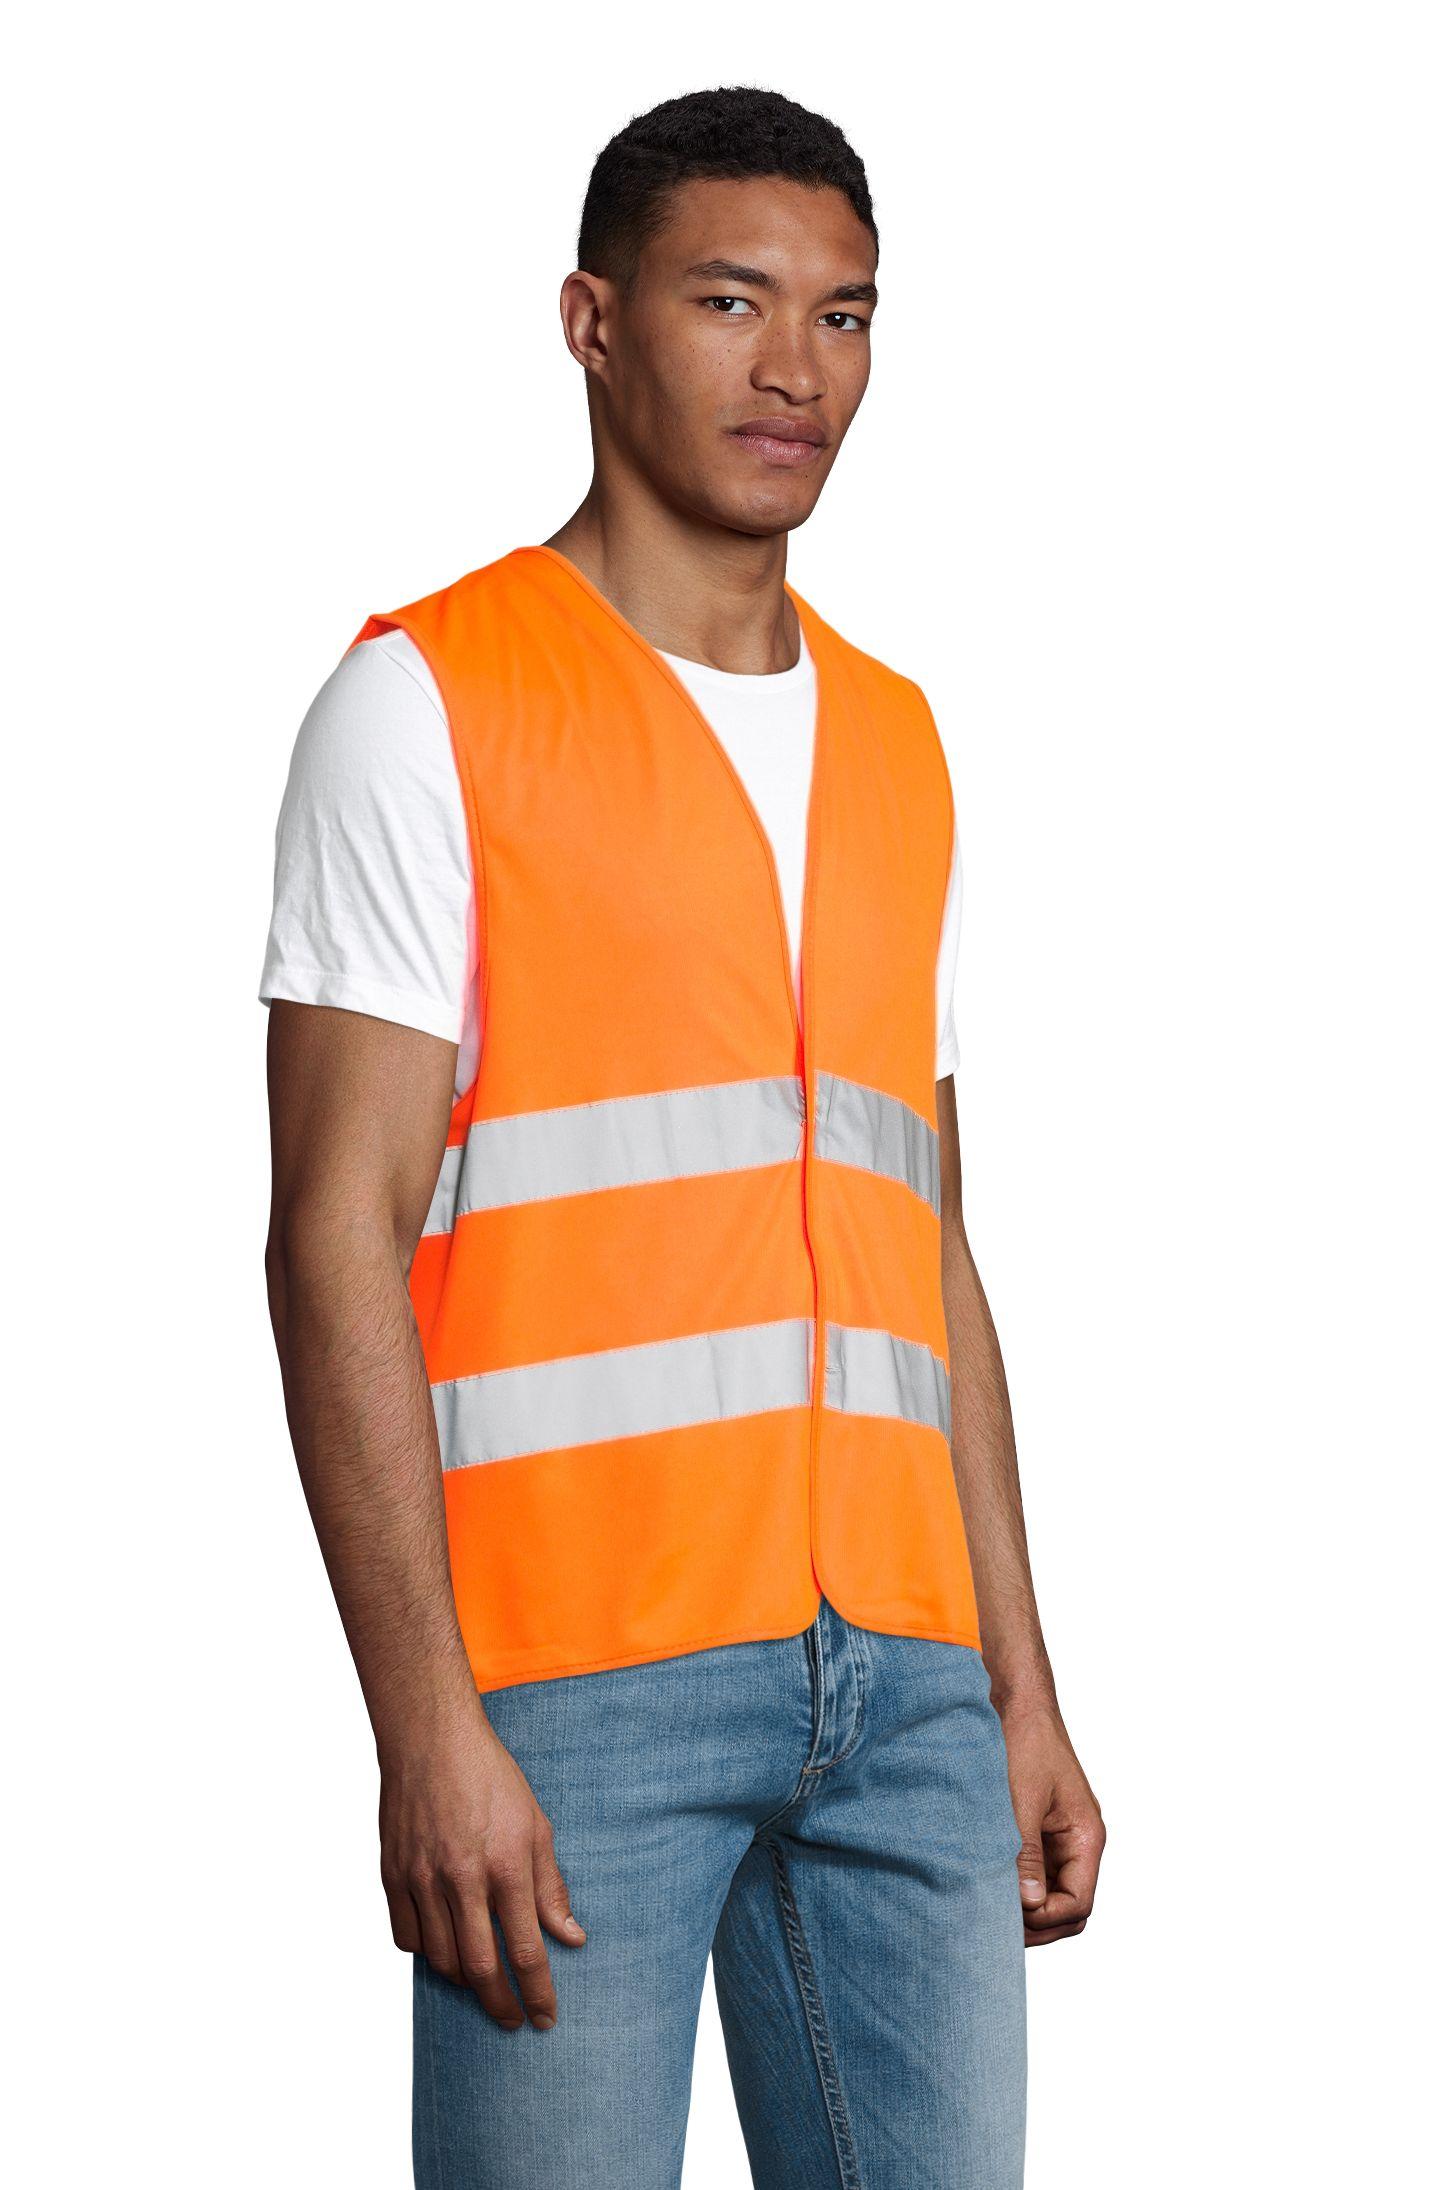 404 - Orange Fluo